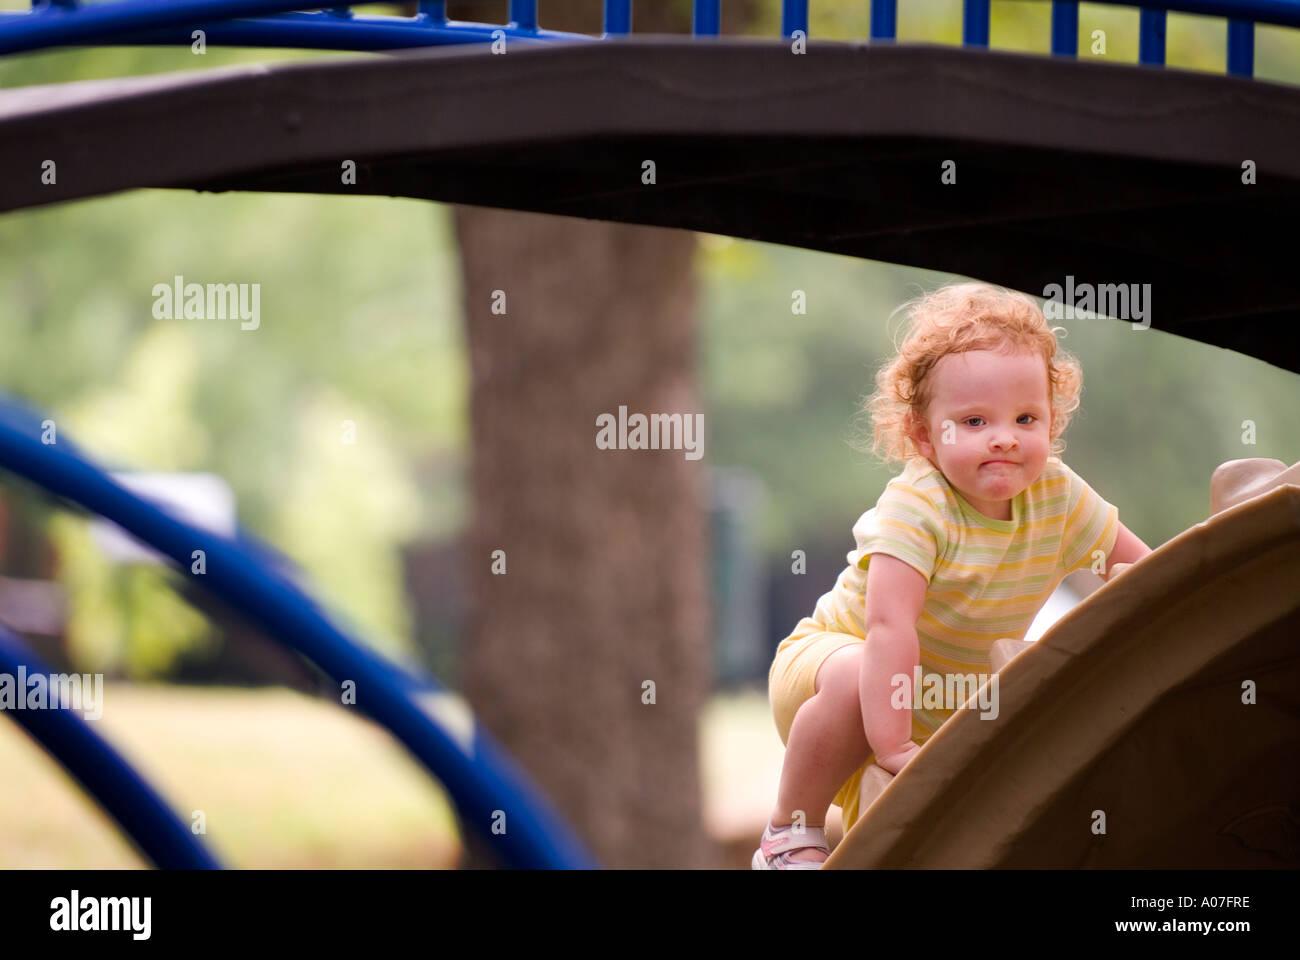 Klettergerüst Für 2 Jährige : Jährige anstiege auf spielgeräten stockfoto bild alamy